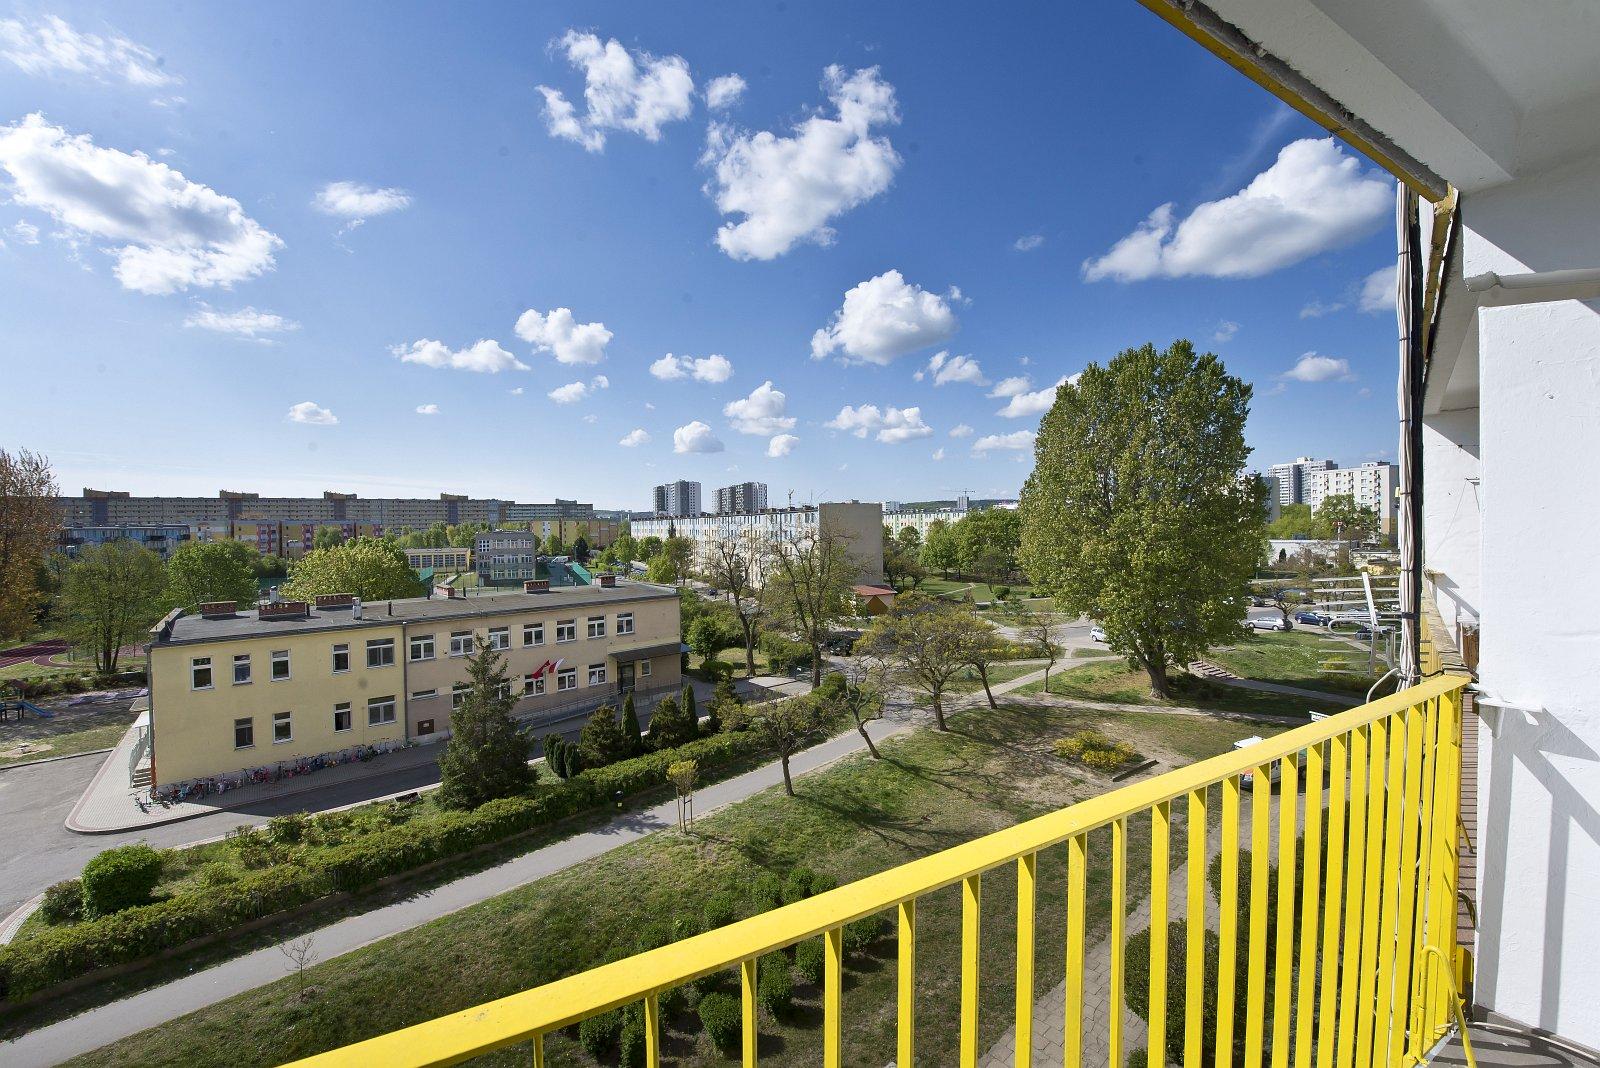 mieszkanie-wynajem-gdansk-ow4-05-04web